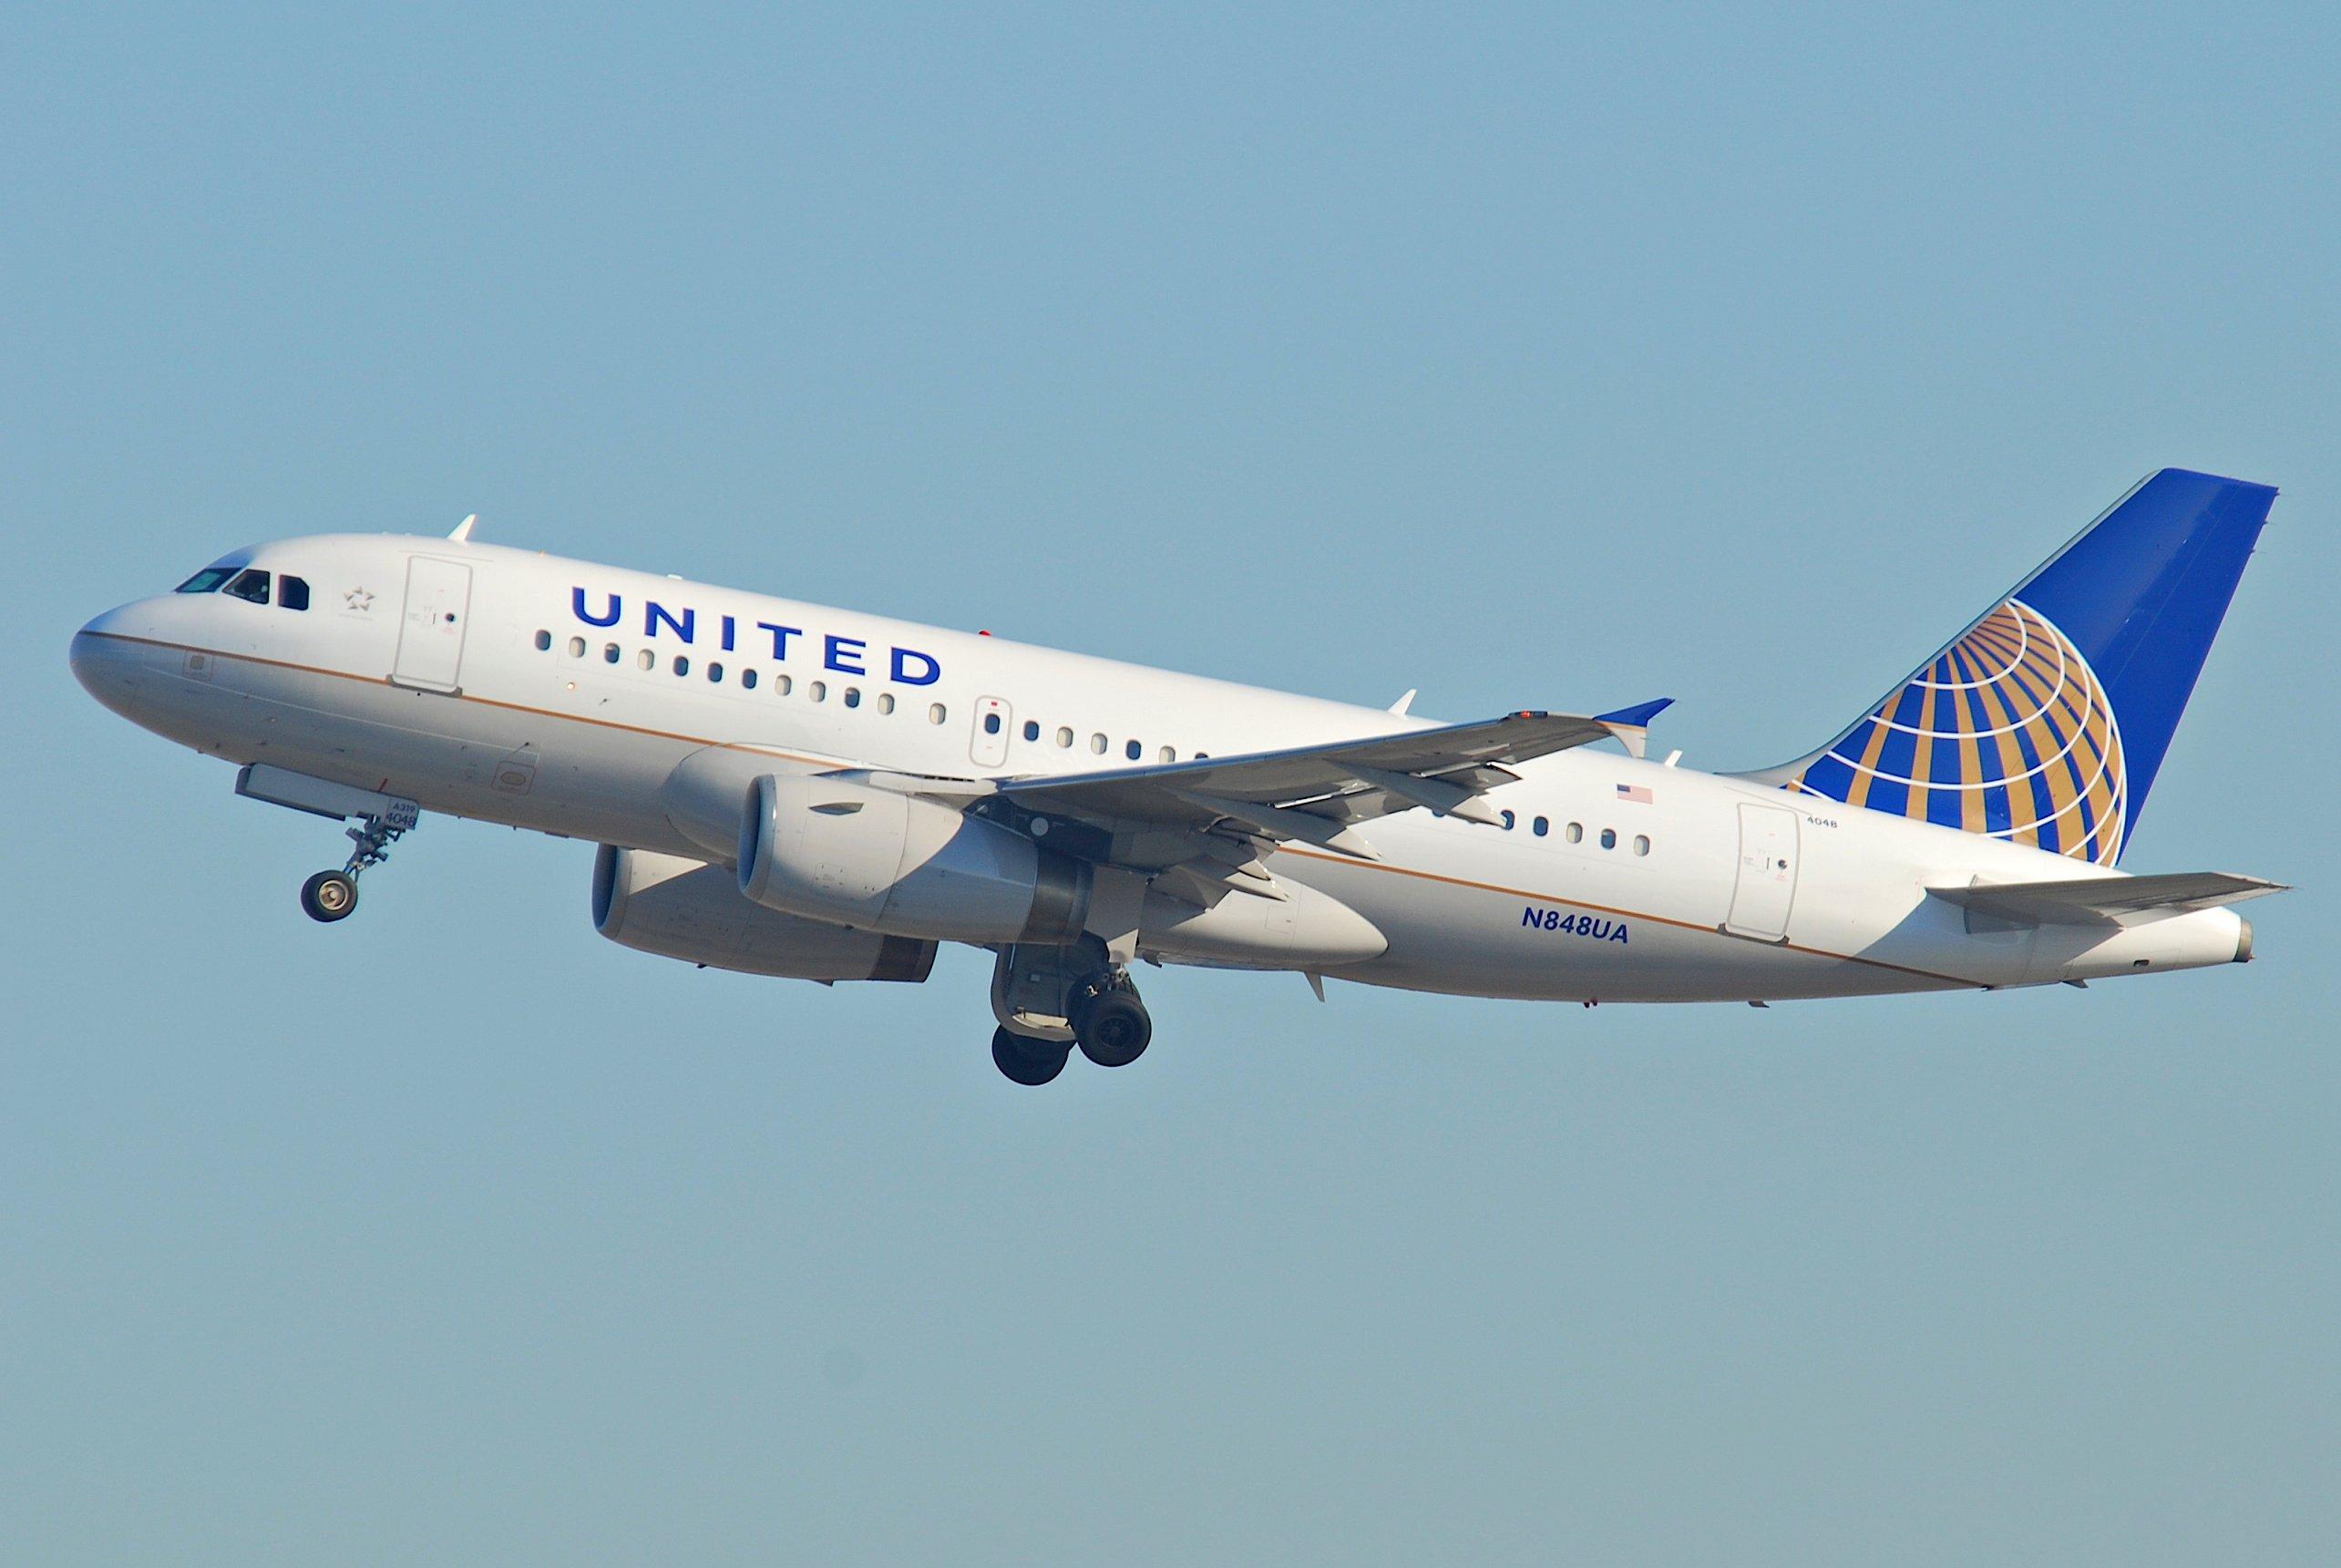 En Airbius A319 fra United Airlines. Foto: Aero Icarus